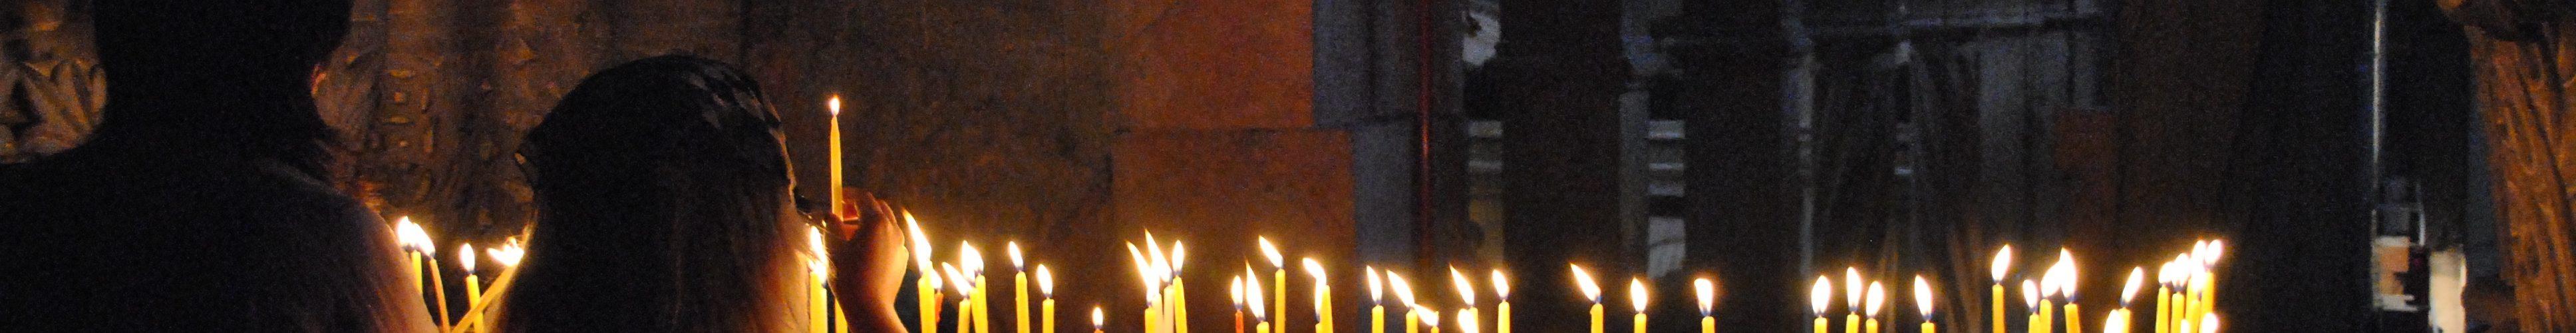 Två personer tänder ljus i uppståndelsekyrkan, Jerusalem